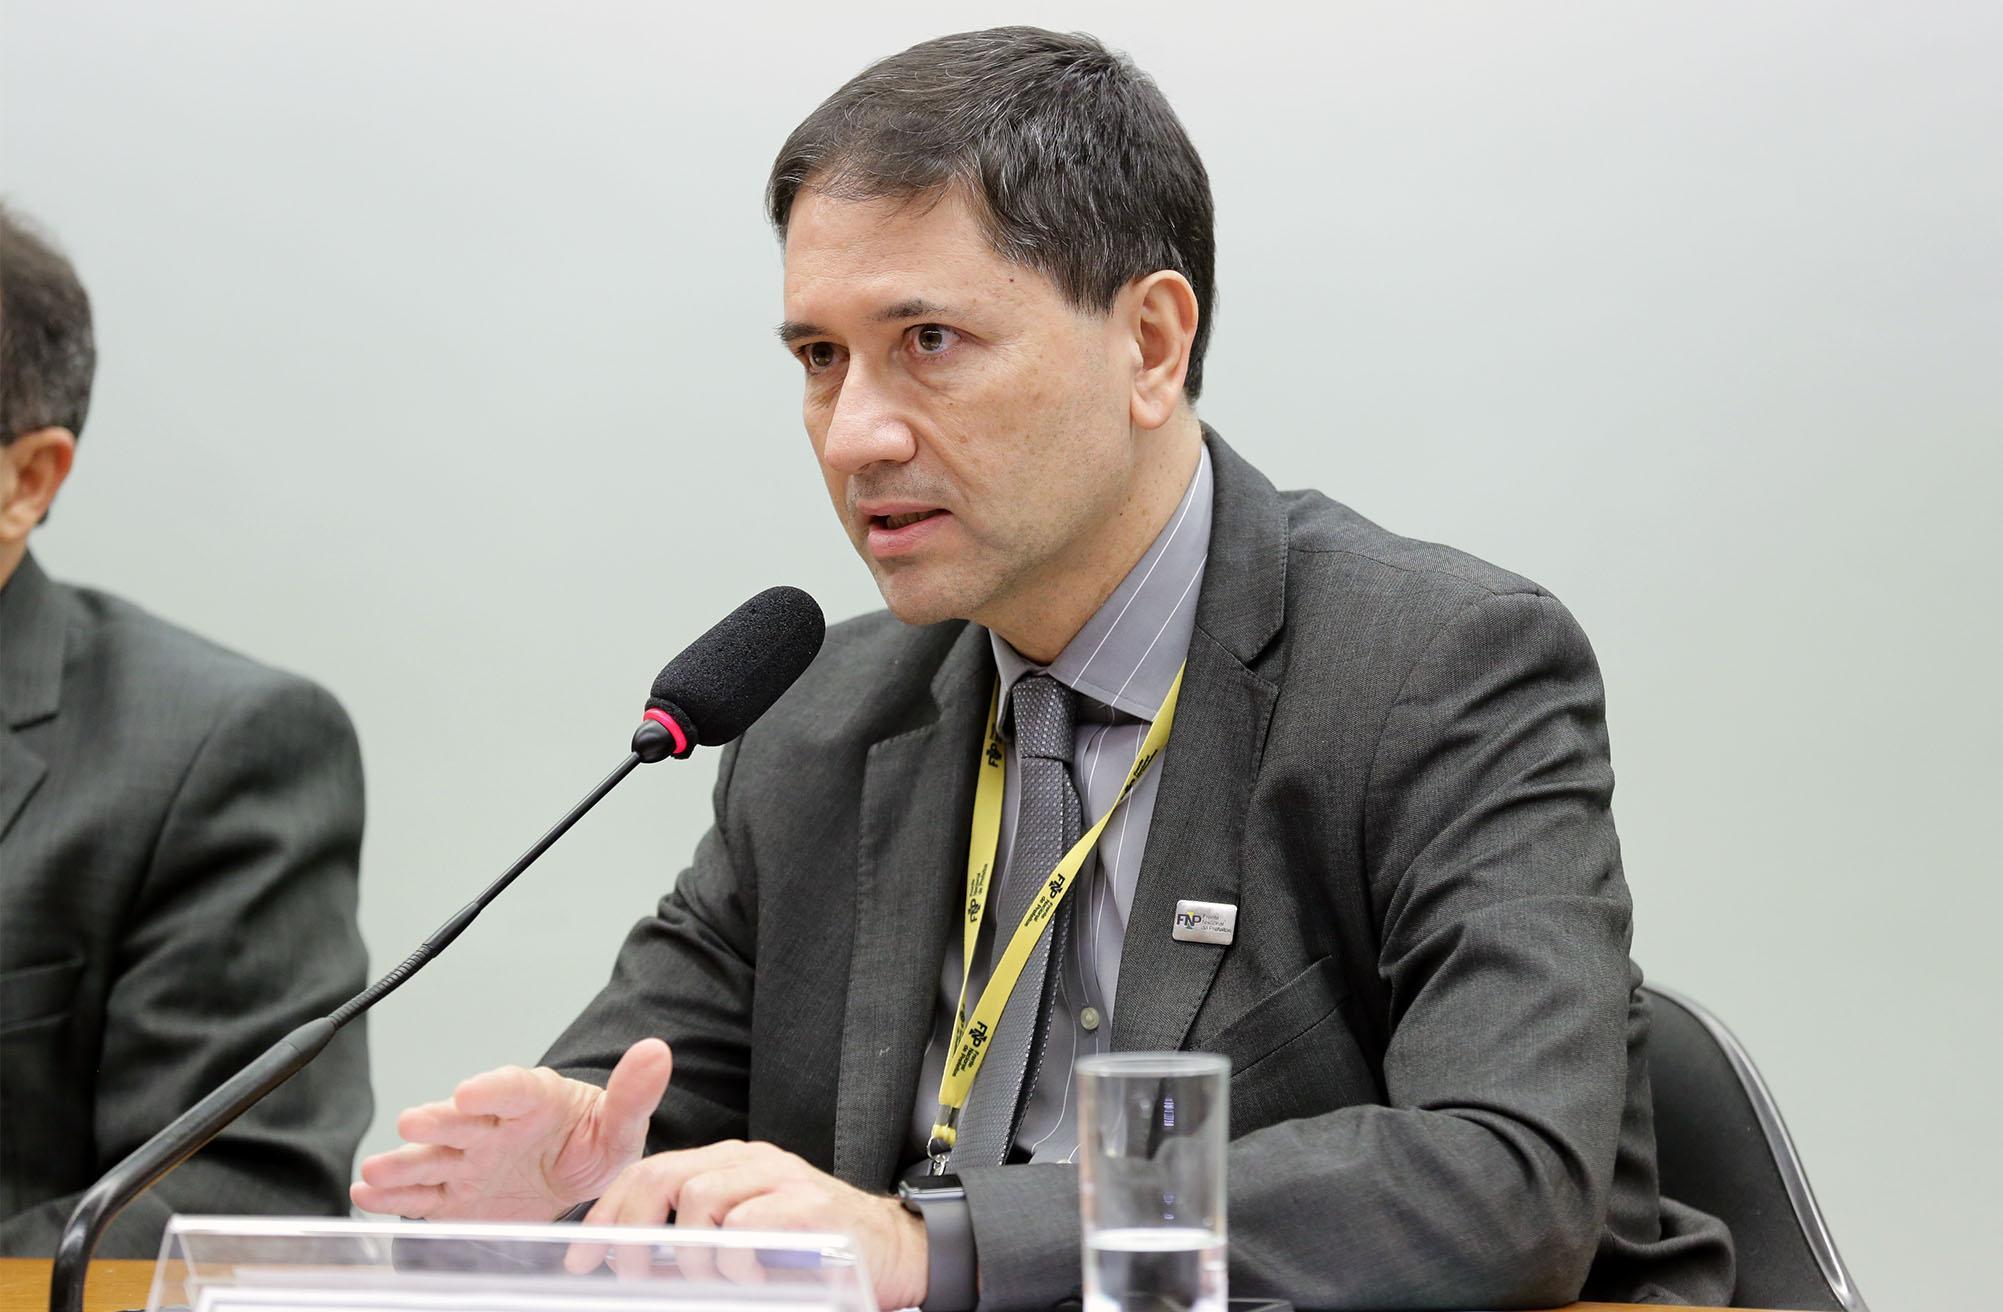 Audiência Pública e Reunião Ordinária. Secretário-Executivo da Frente Nacional de Prefeitos (FNP), GILBERTO PERRE